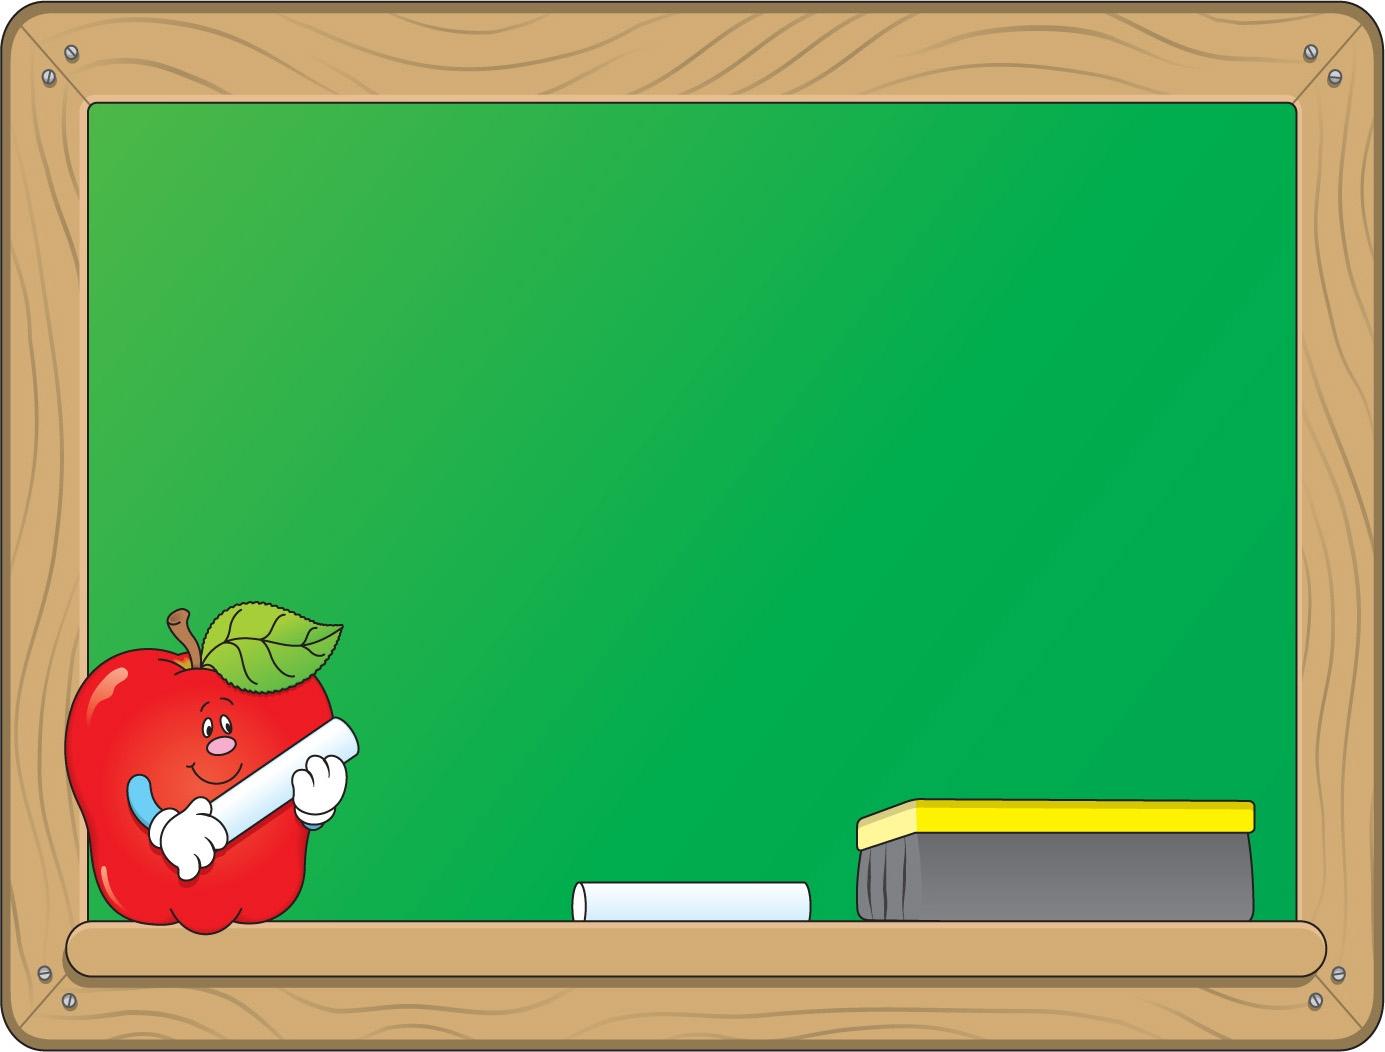 Chalkboard elementary clipart jpg Chalkboard clipart cute, Chalkboard cute Transparent FREE for ... jpg